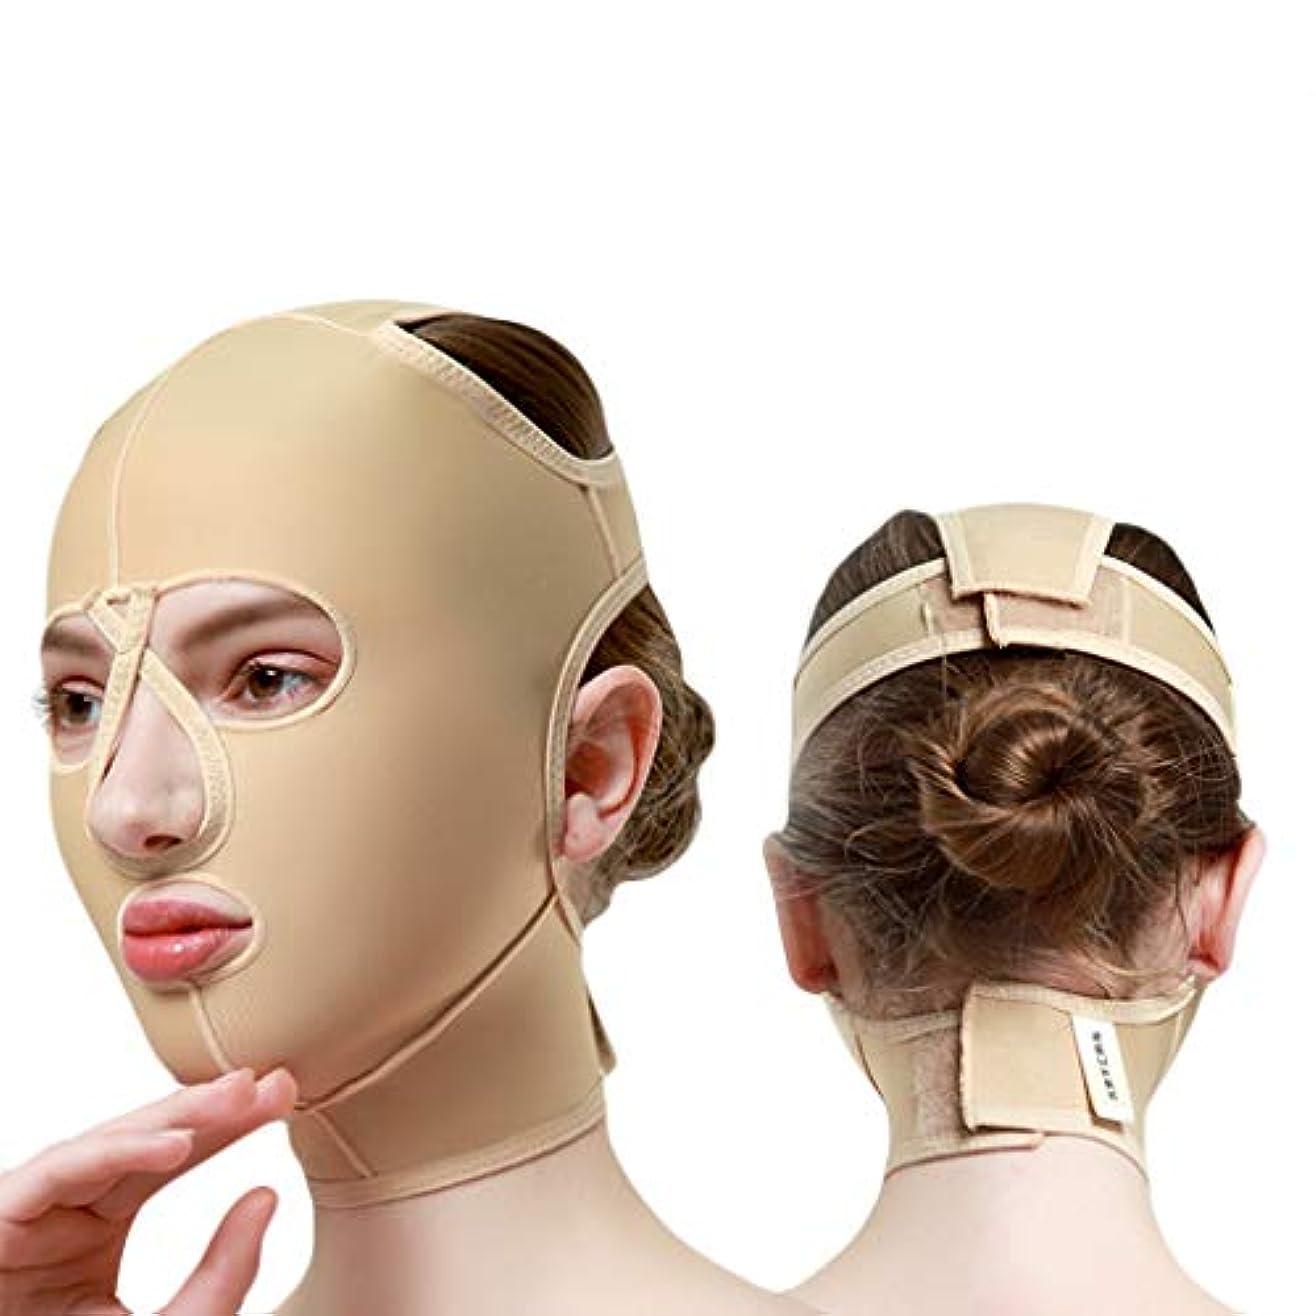 連結するパンダ端XHLMRMJ あごのストラップ、顔の彫刻ツール、リフティングマスク、ダブルチンリデューサー、フェイスリフティングエラスティックマスク女性 (Size : XL)